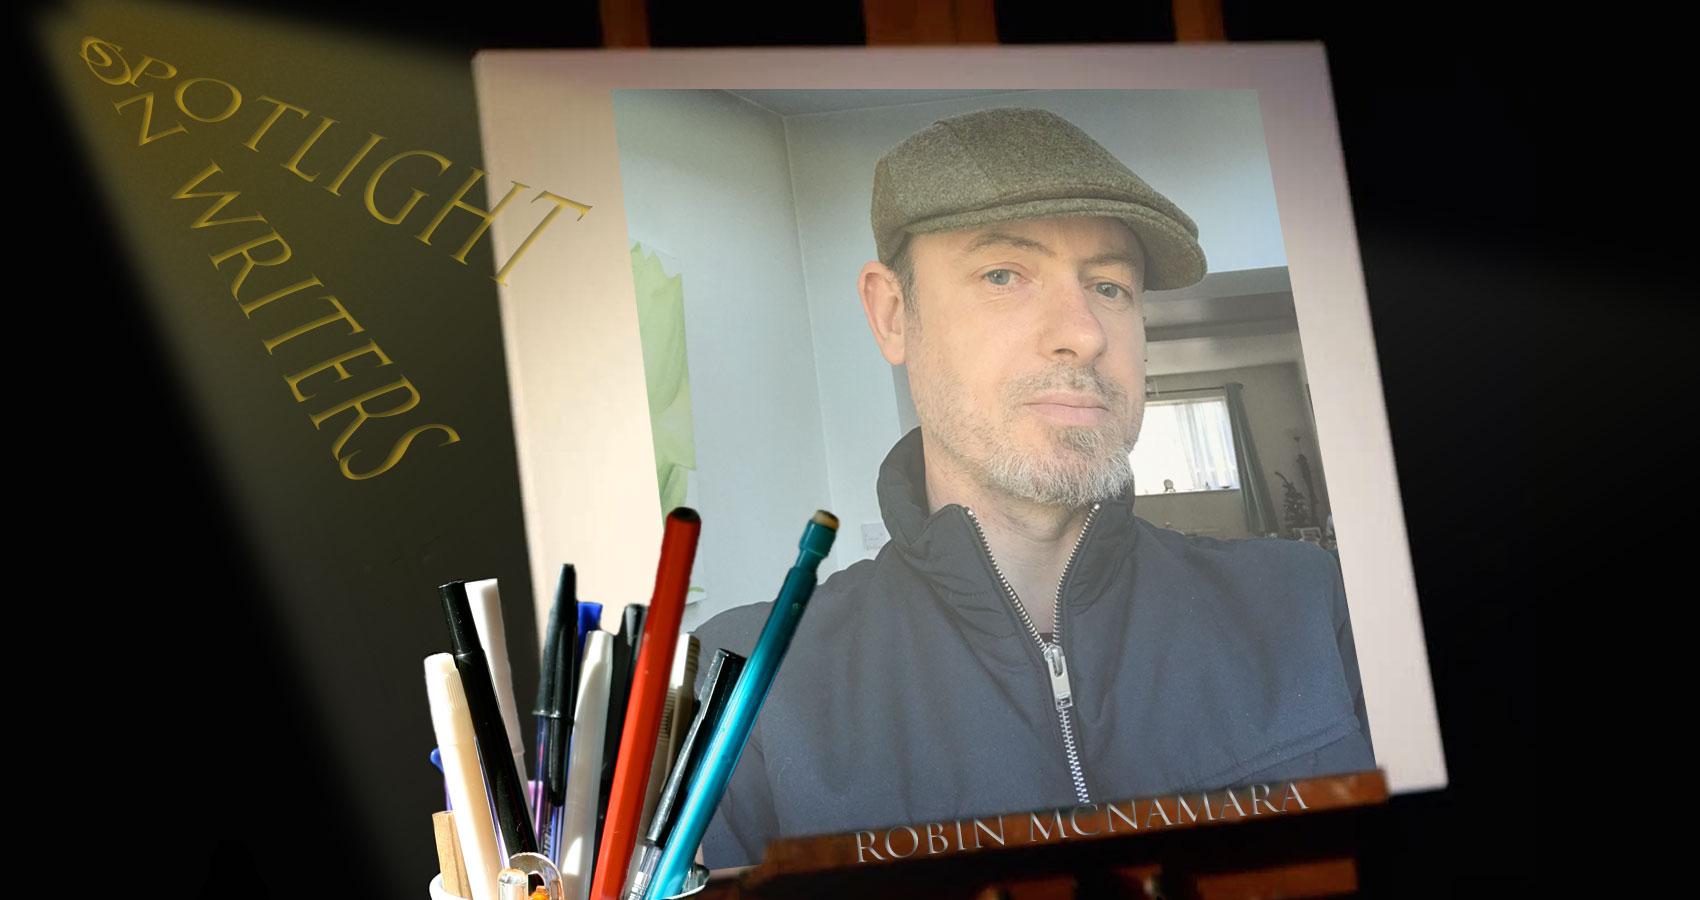 Spotlight On Writers - Robin McNamara at Spillwords.com